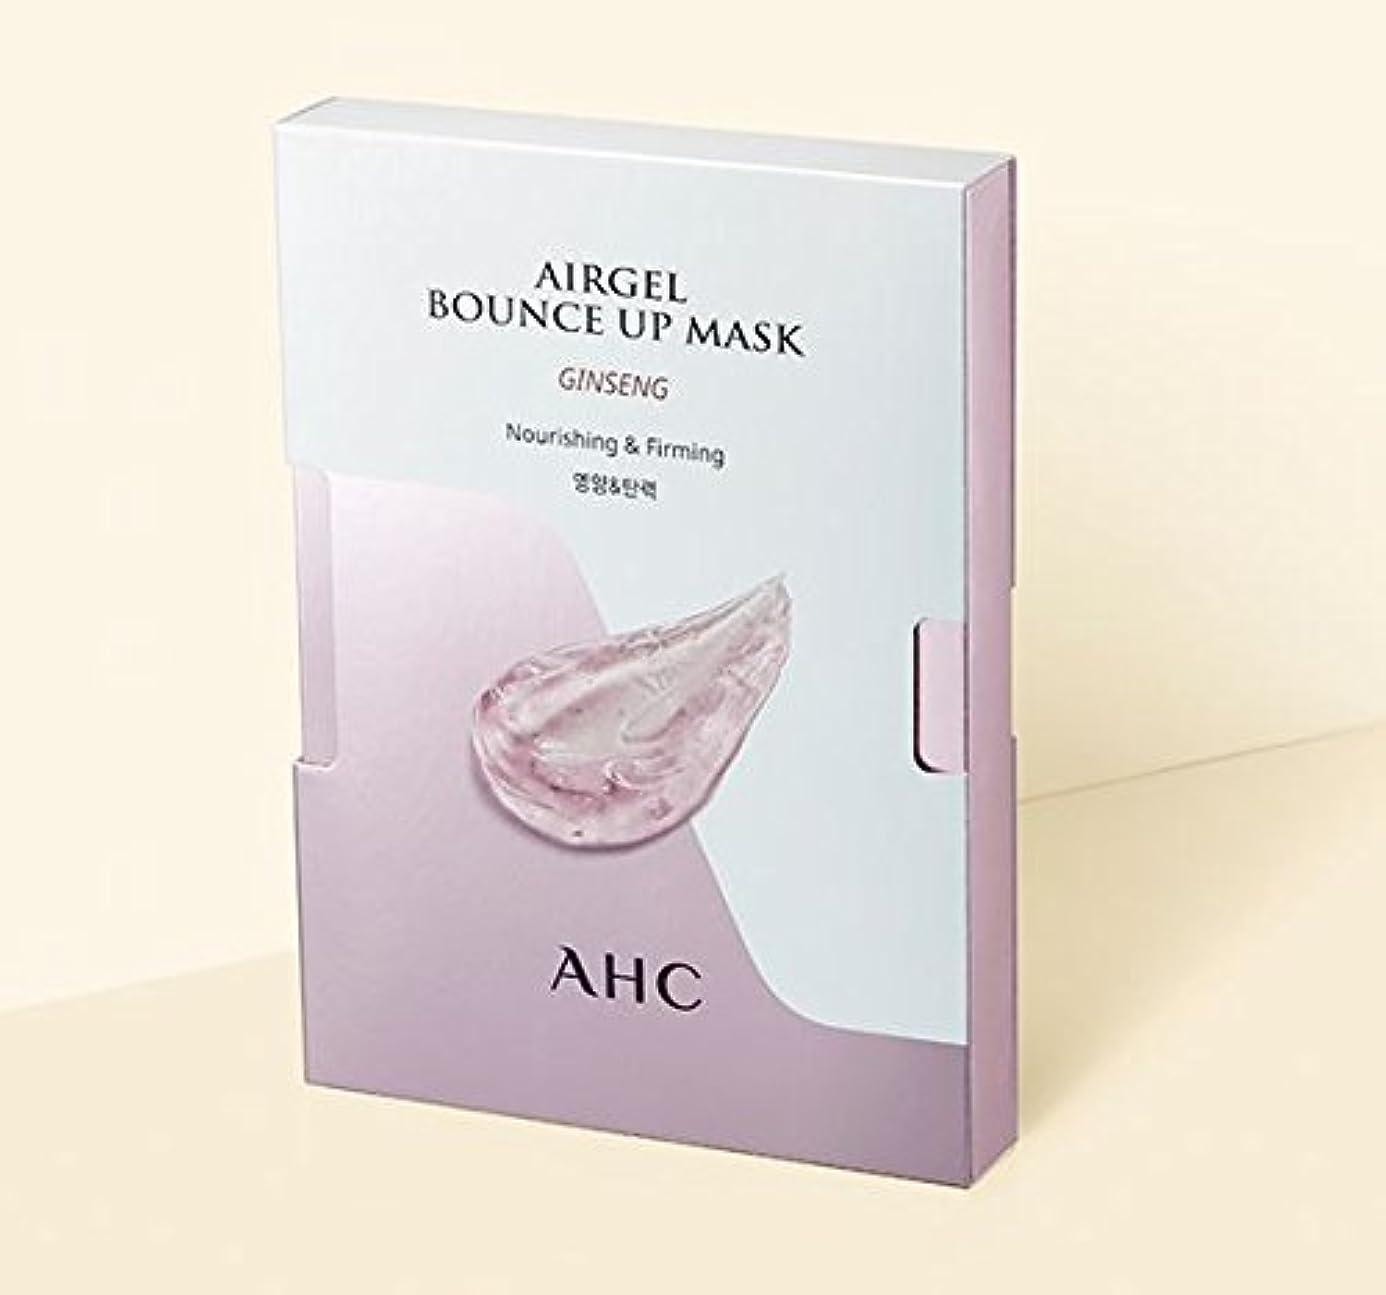 八彼らのサミット[A.H.C] Airgel Bounce Up Mask GINSENG (Nourishing&Firming)30g*5sheet/ジンセンエアゲルマスク30g*5枚 [並行輸入品]